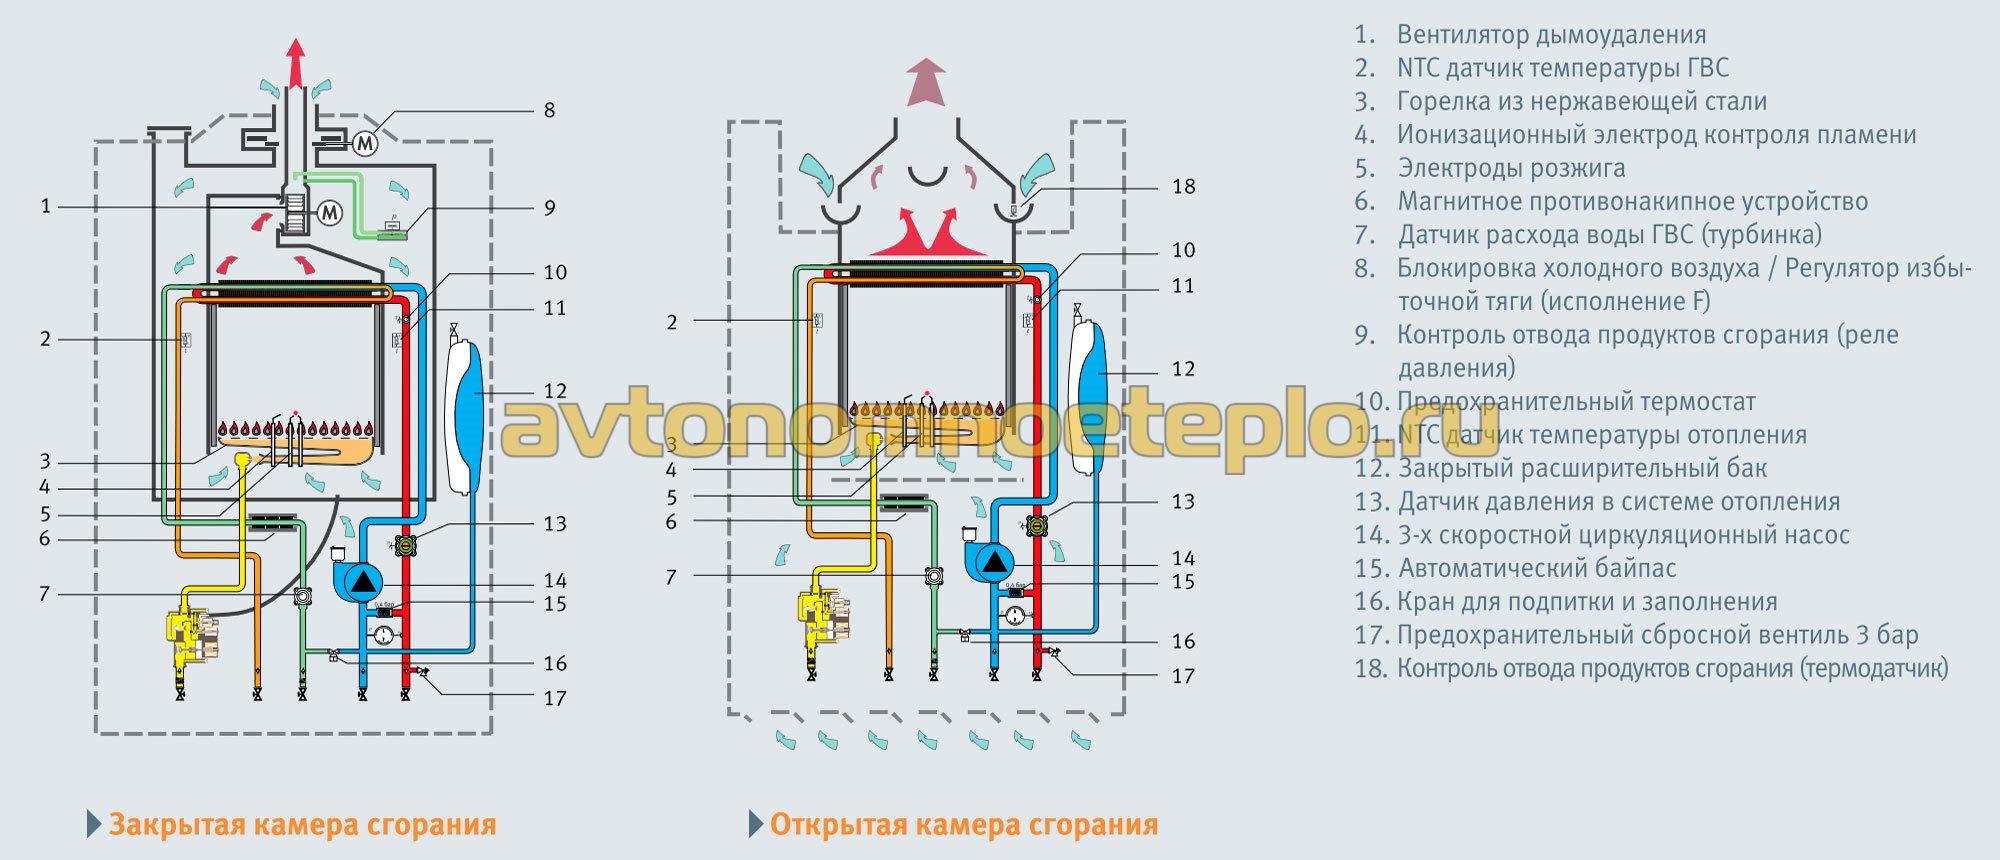 устройство датчика давления температуры газового котла на автоматику